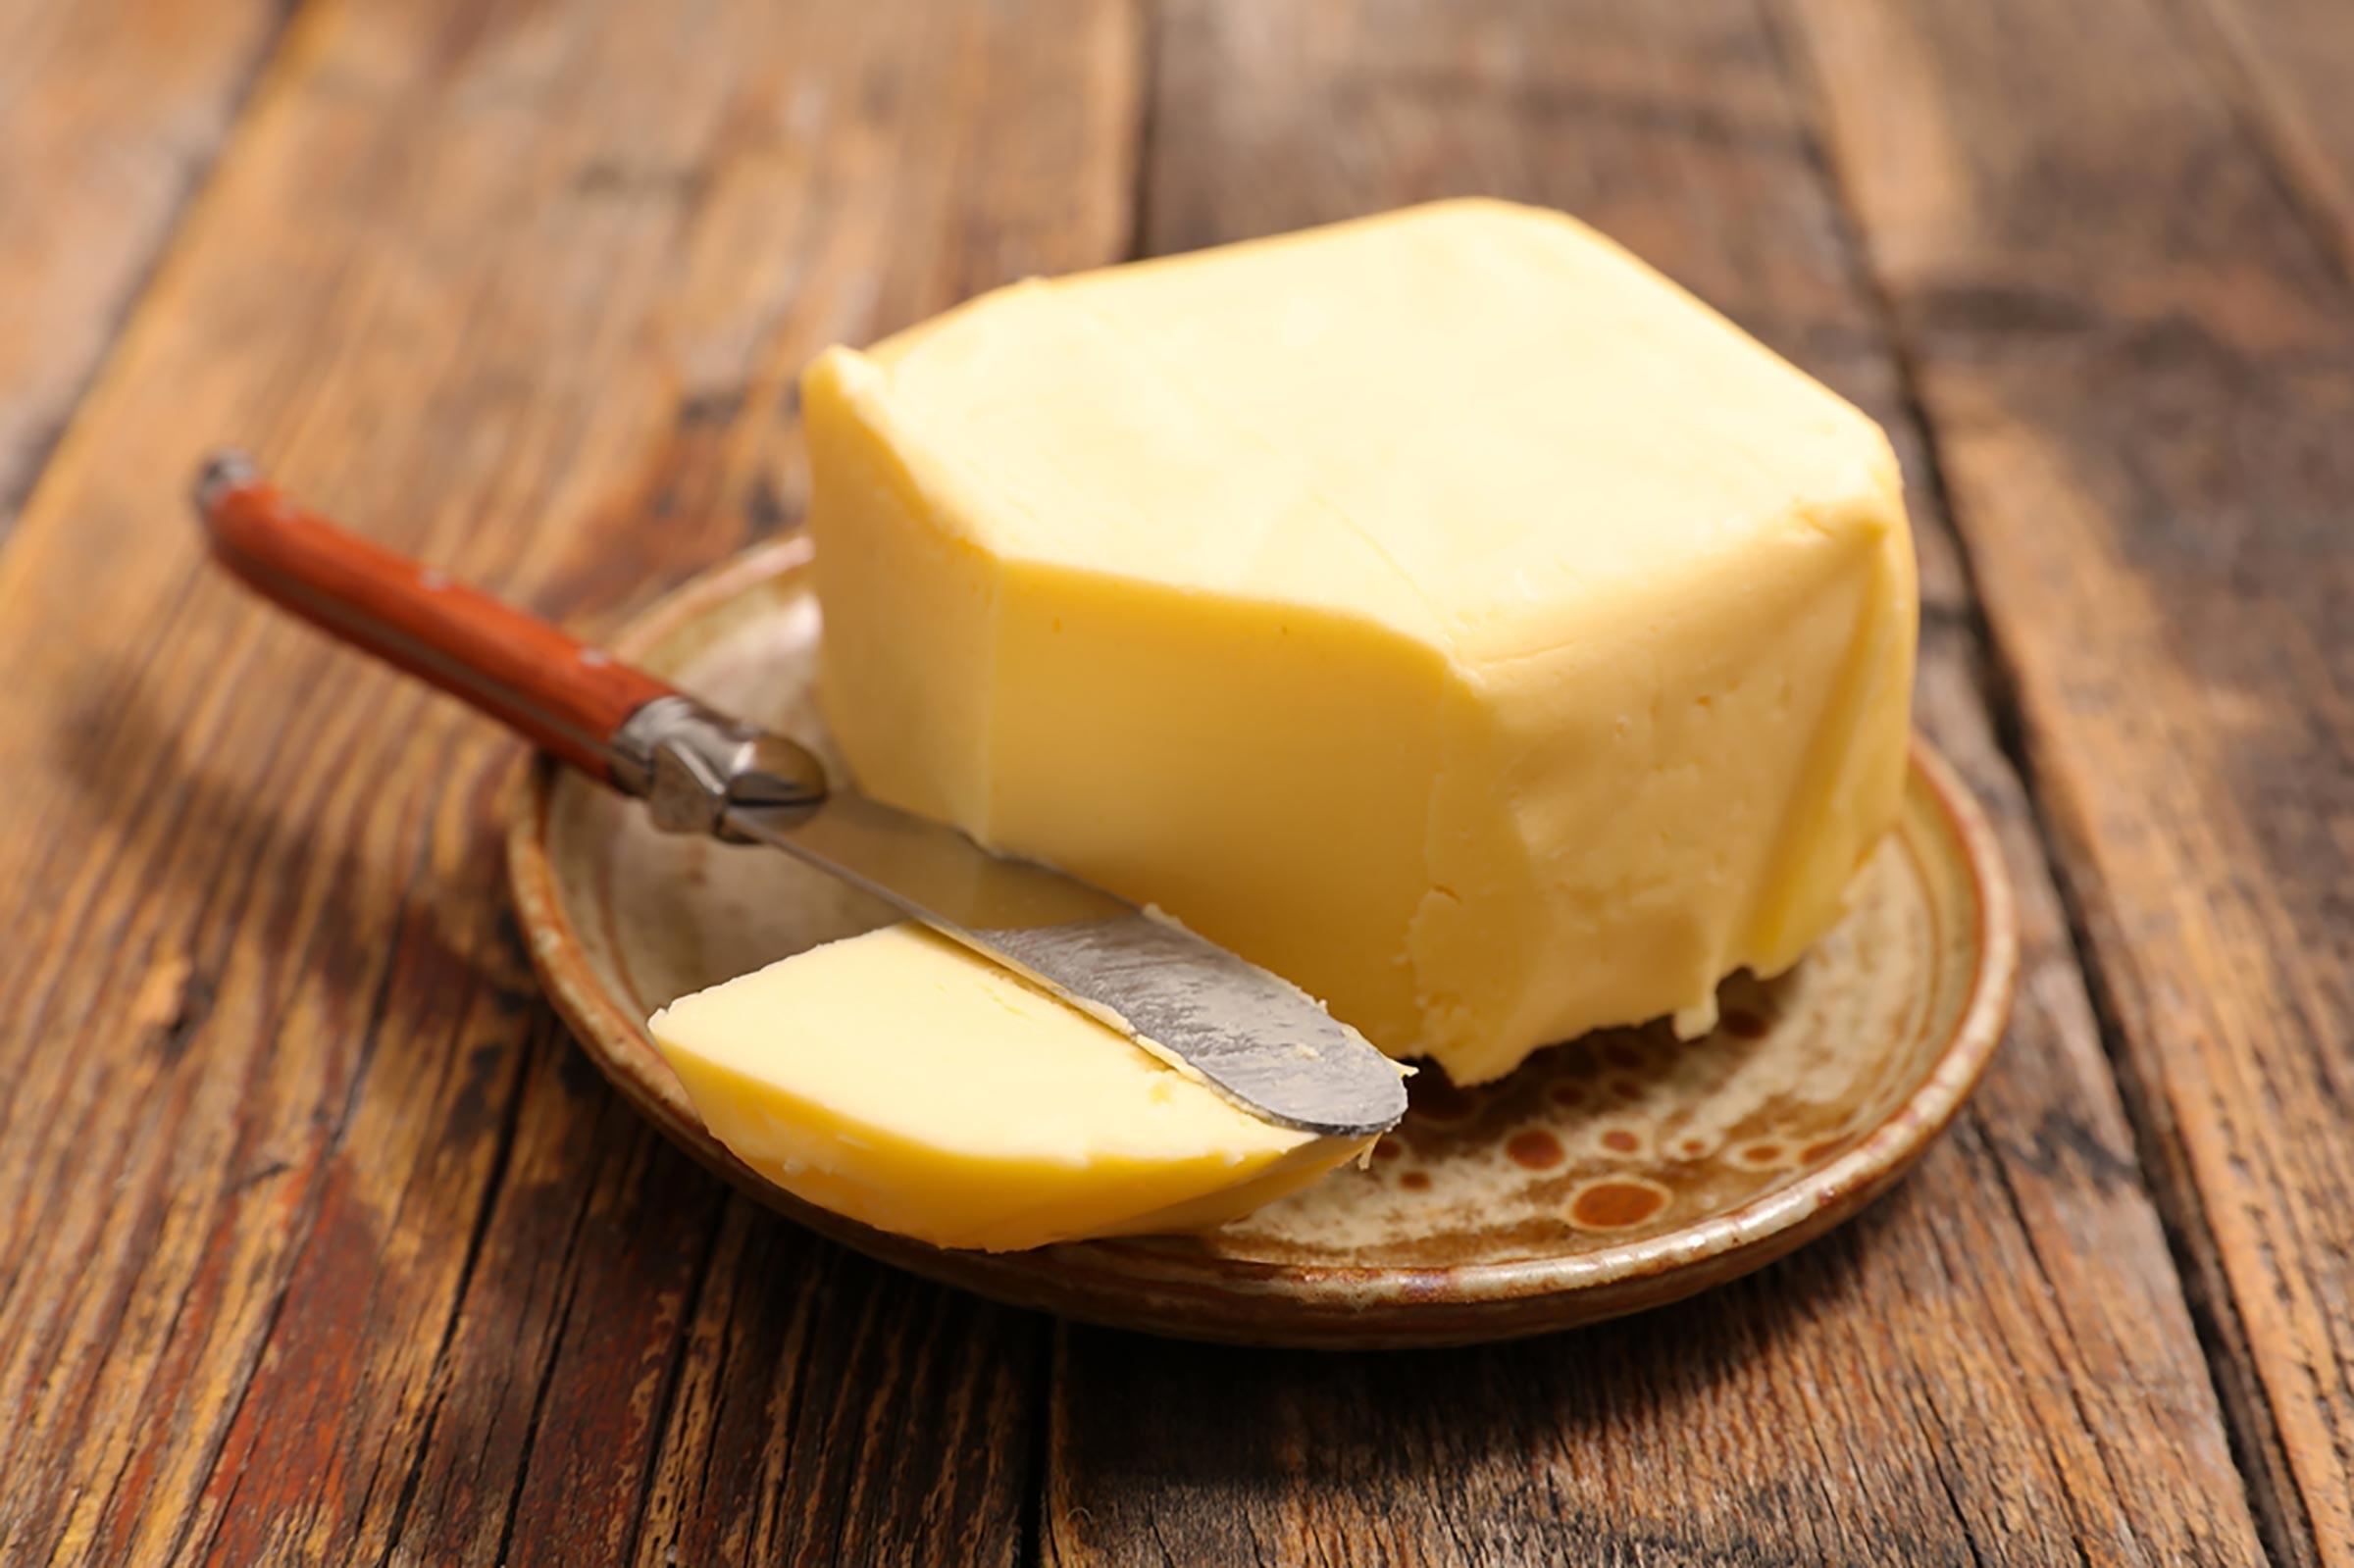 Une fois diabolisé pour sa teneur élevée en graisses saturées, le beurre fait son grand retour. Choisissez du beurre nourri à l'herbe si vous le pouvez, car il contient plus de certains nutriments.